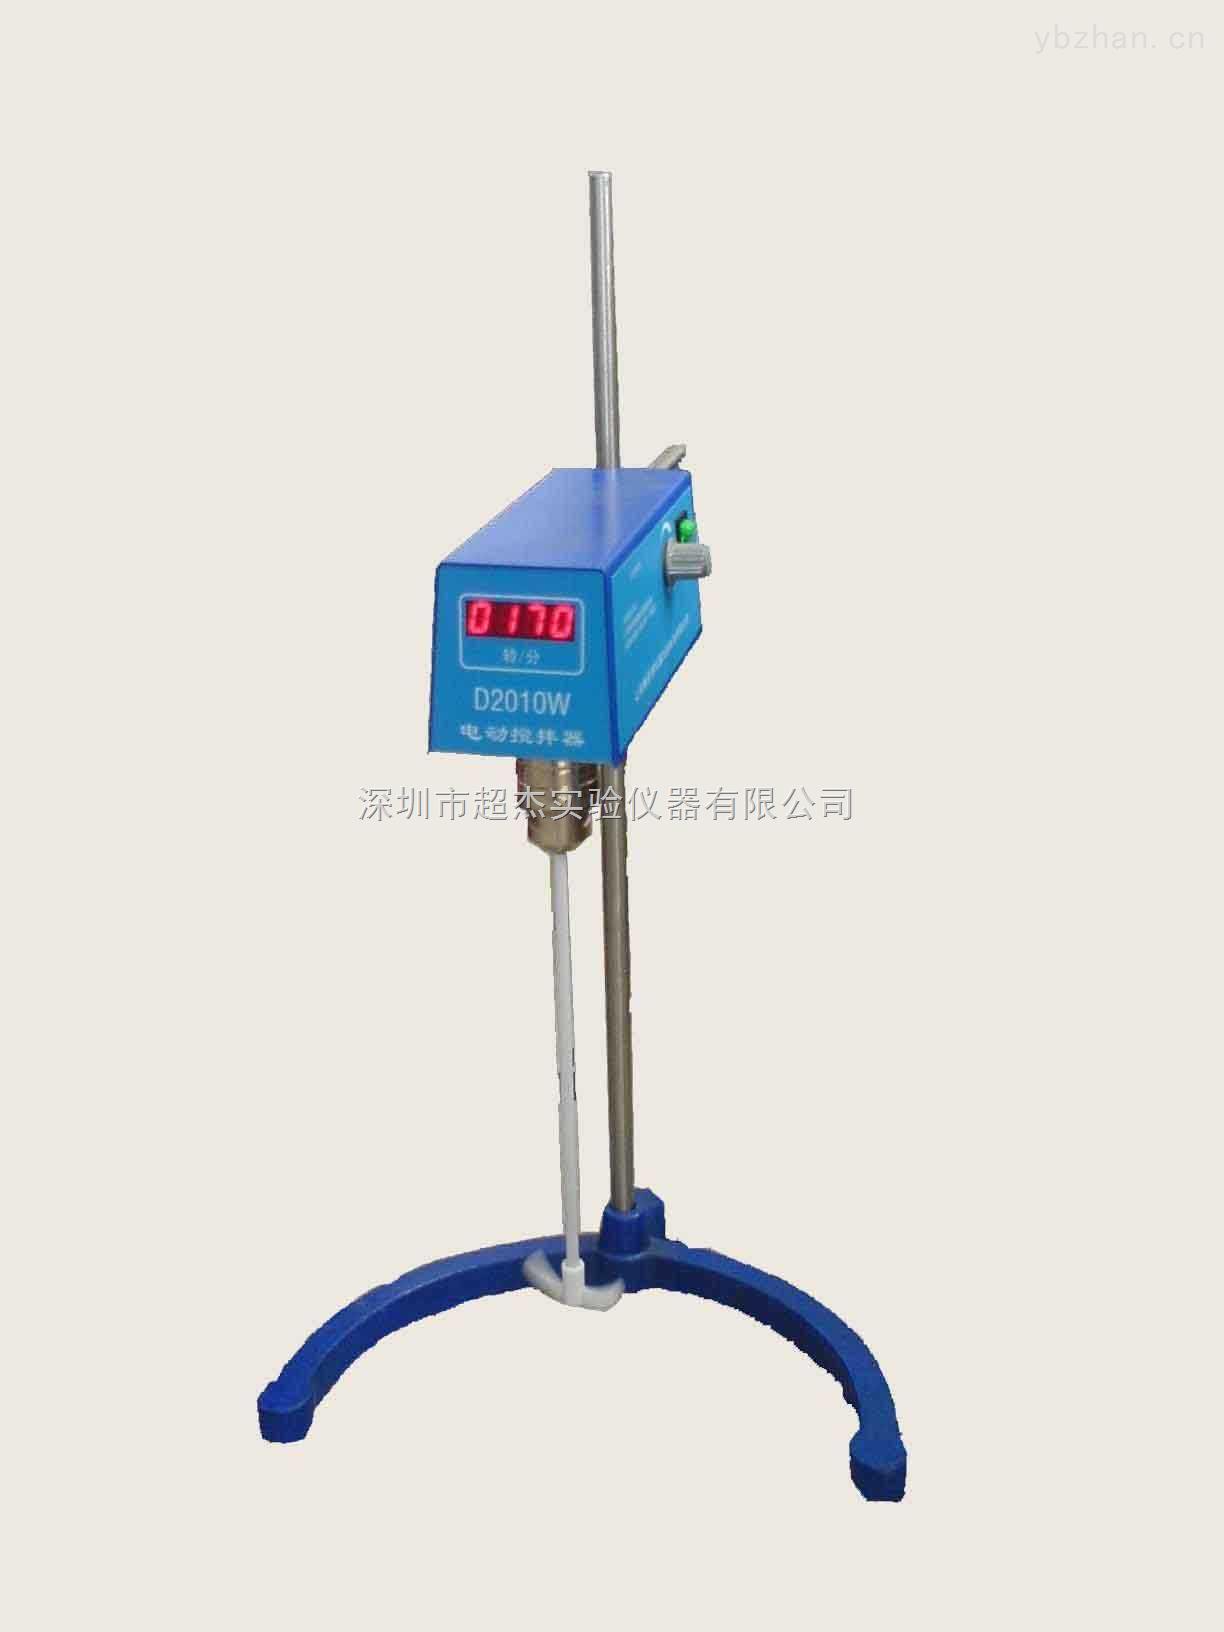 惠州100W强力电动搅拌器 电动搅拌器 恒速电动搅拌器